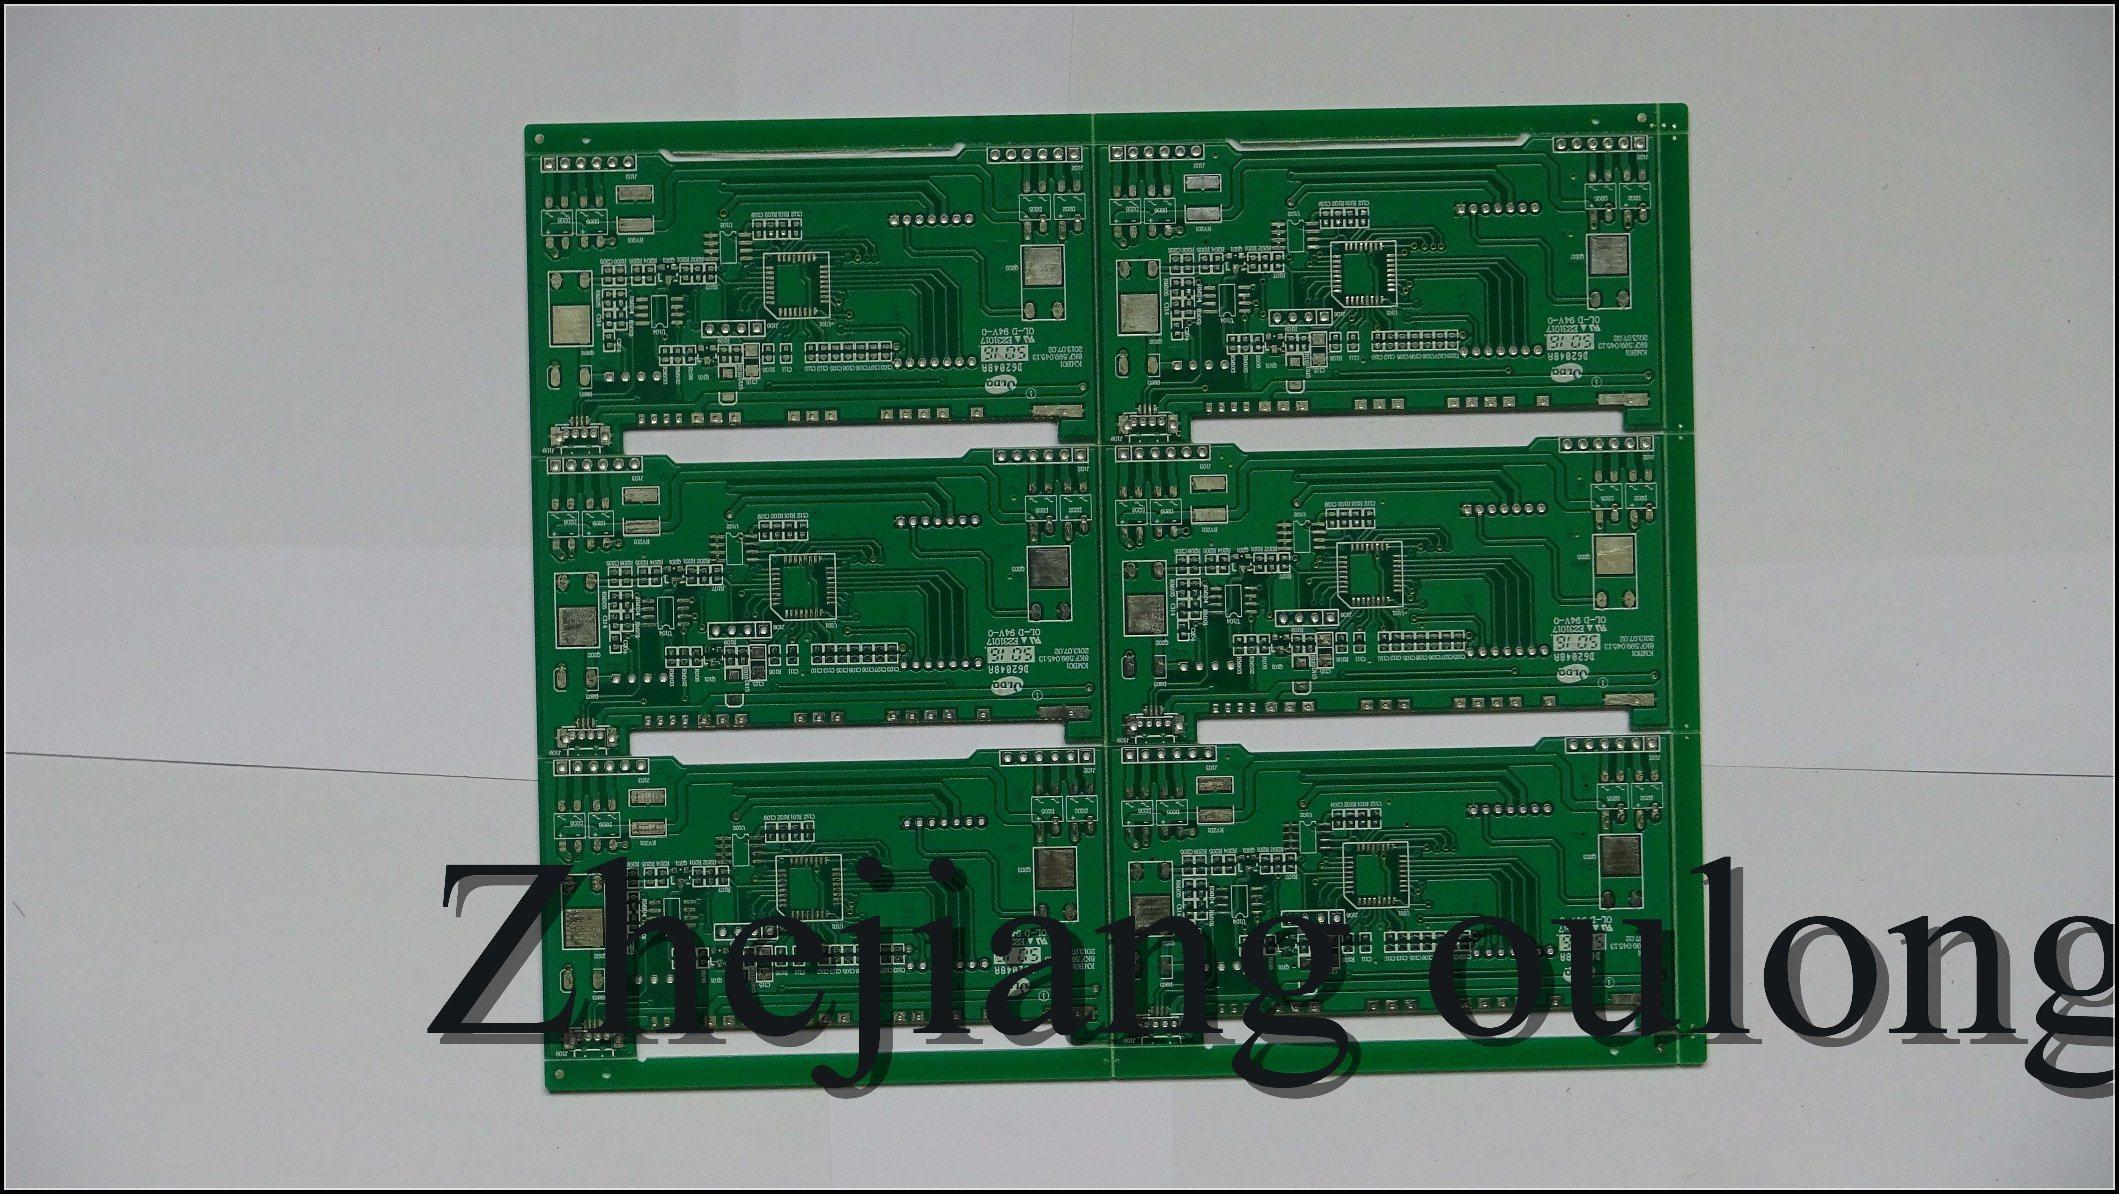 Circuito General : Foto de impreso a doble cara general las placas de circuito con ul